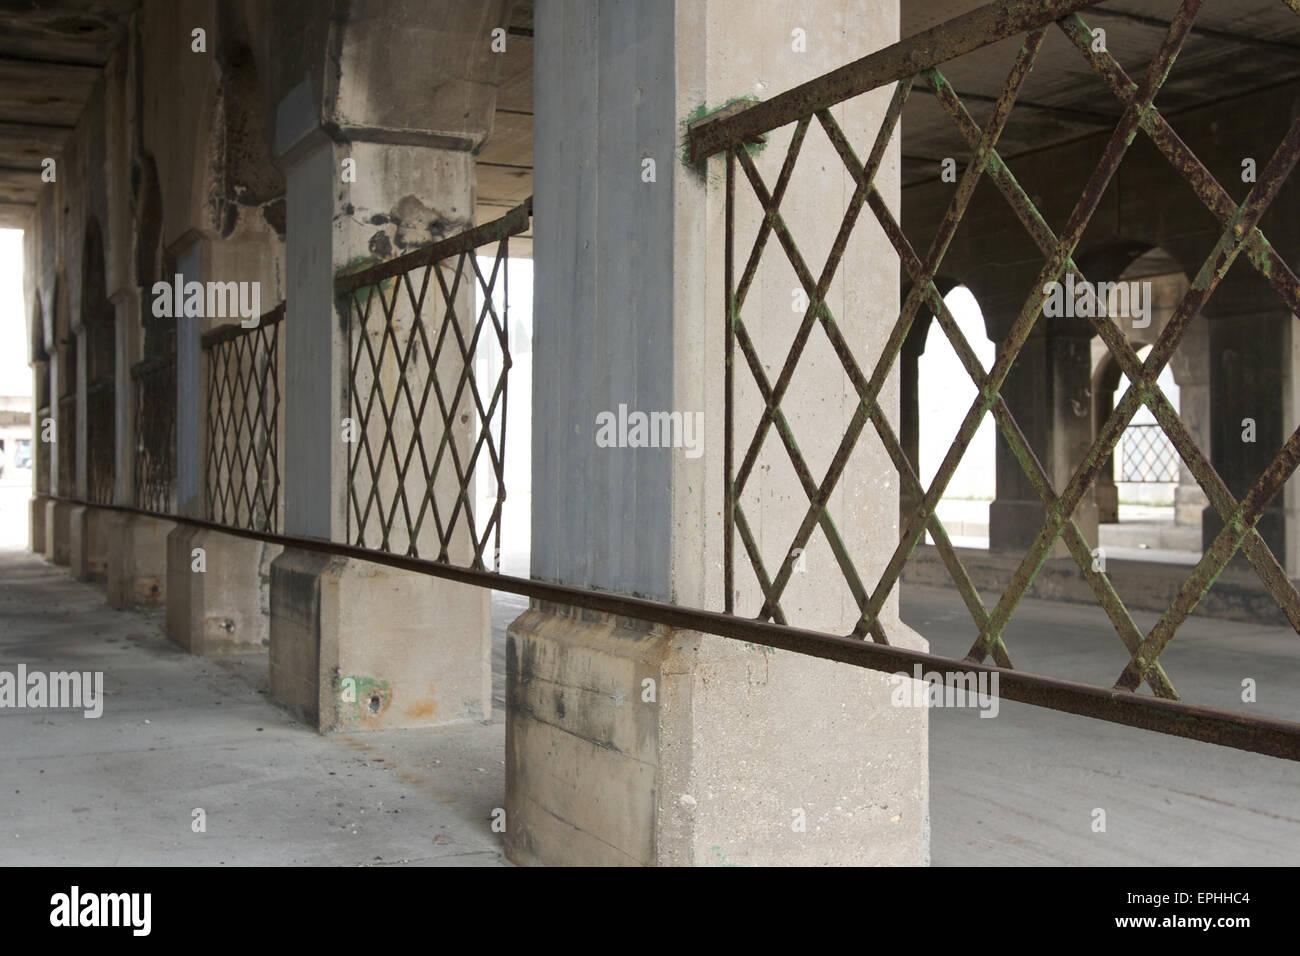 Verwitterte Metallgeländer, unter der alten Brücke. Stockbild